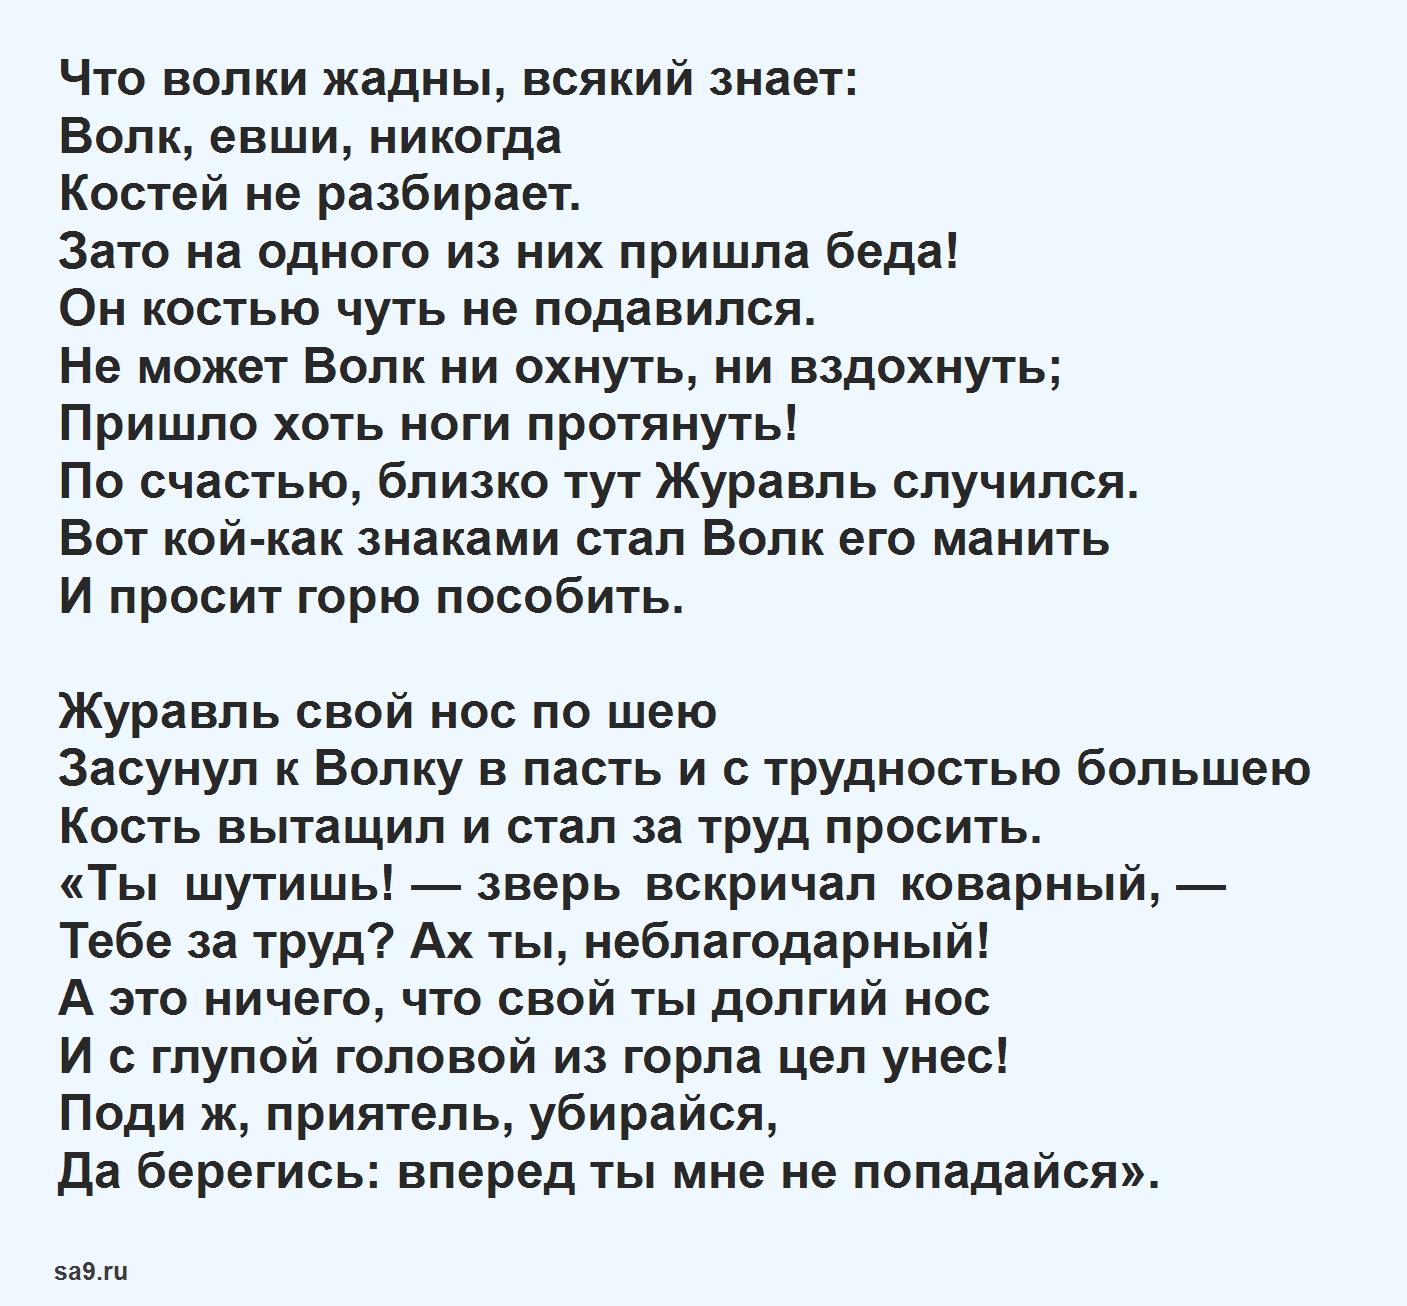 Басня Крылова 'Волк и журавль', текст басни читать полностью